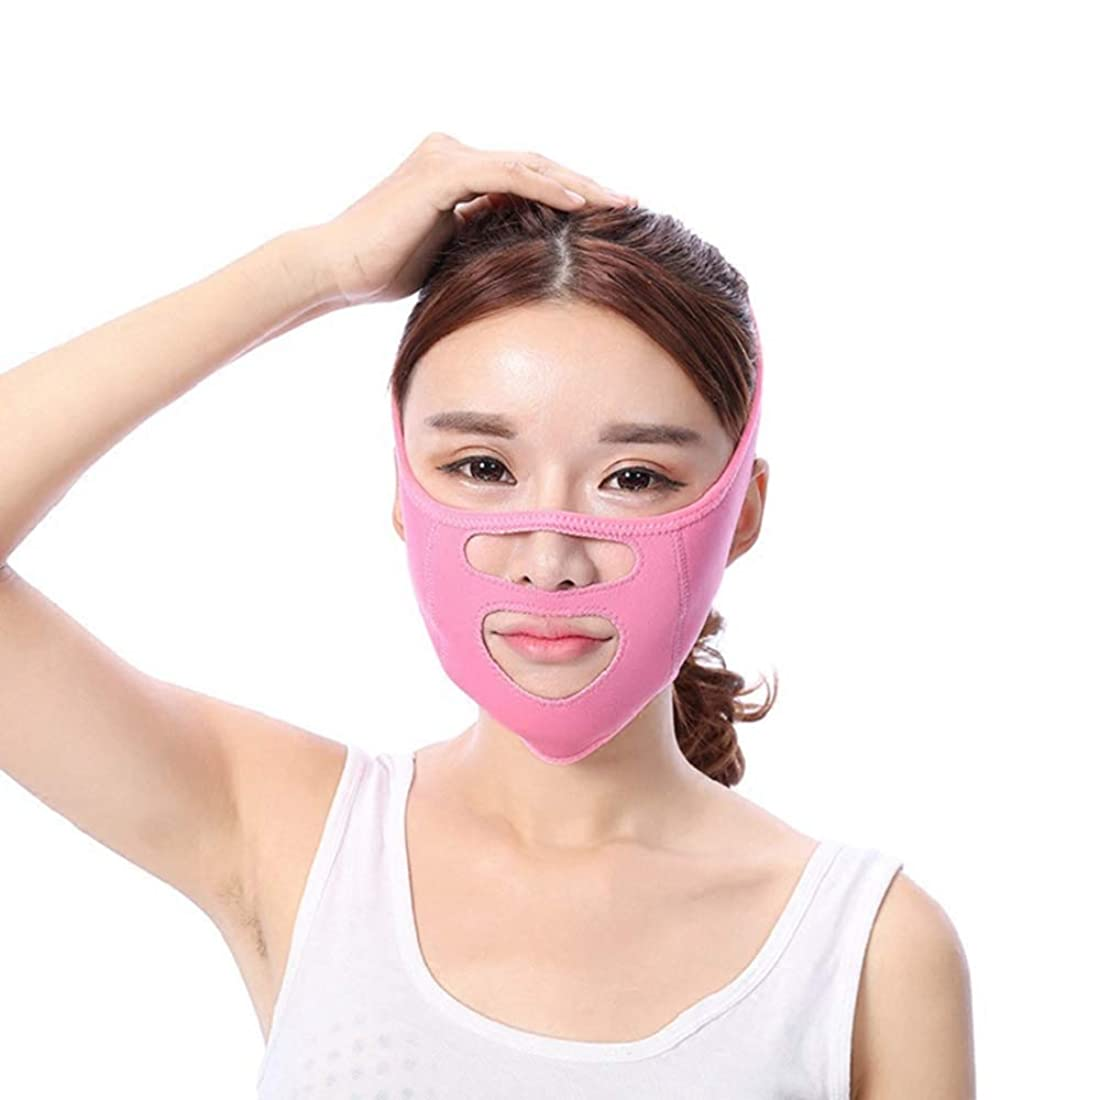 出発慣性上げるJia Jia- 顔の持ち上がる痩身ベルト - あなたの顔のための素晴らしいトレーニング二重あごのワークアウトフェイスマスクベルト薄い顔包帯整形マスクは顔と首を締めますフェイススリム 顔面包帯